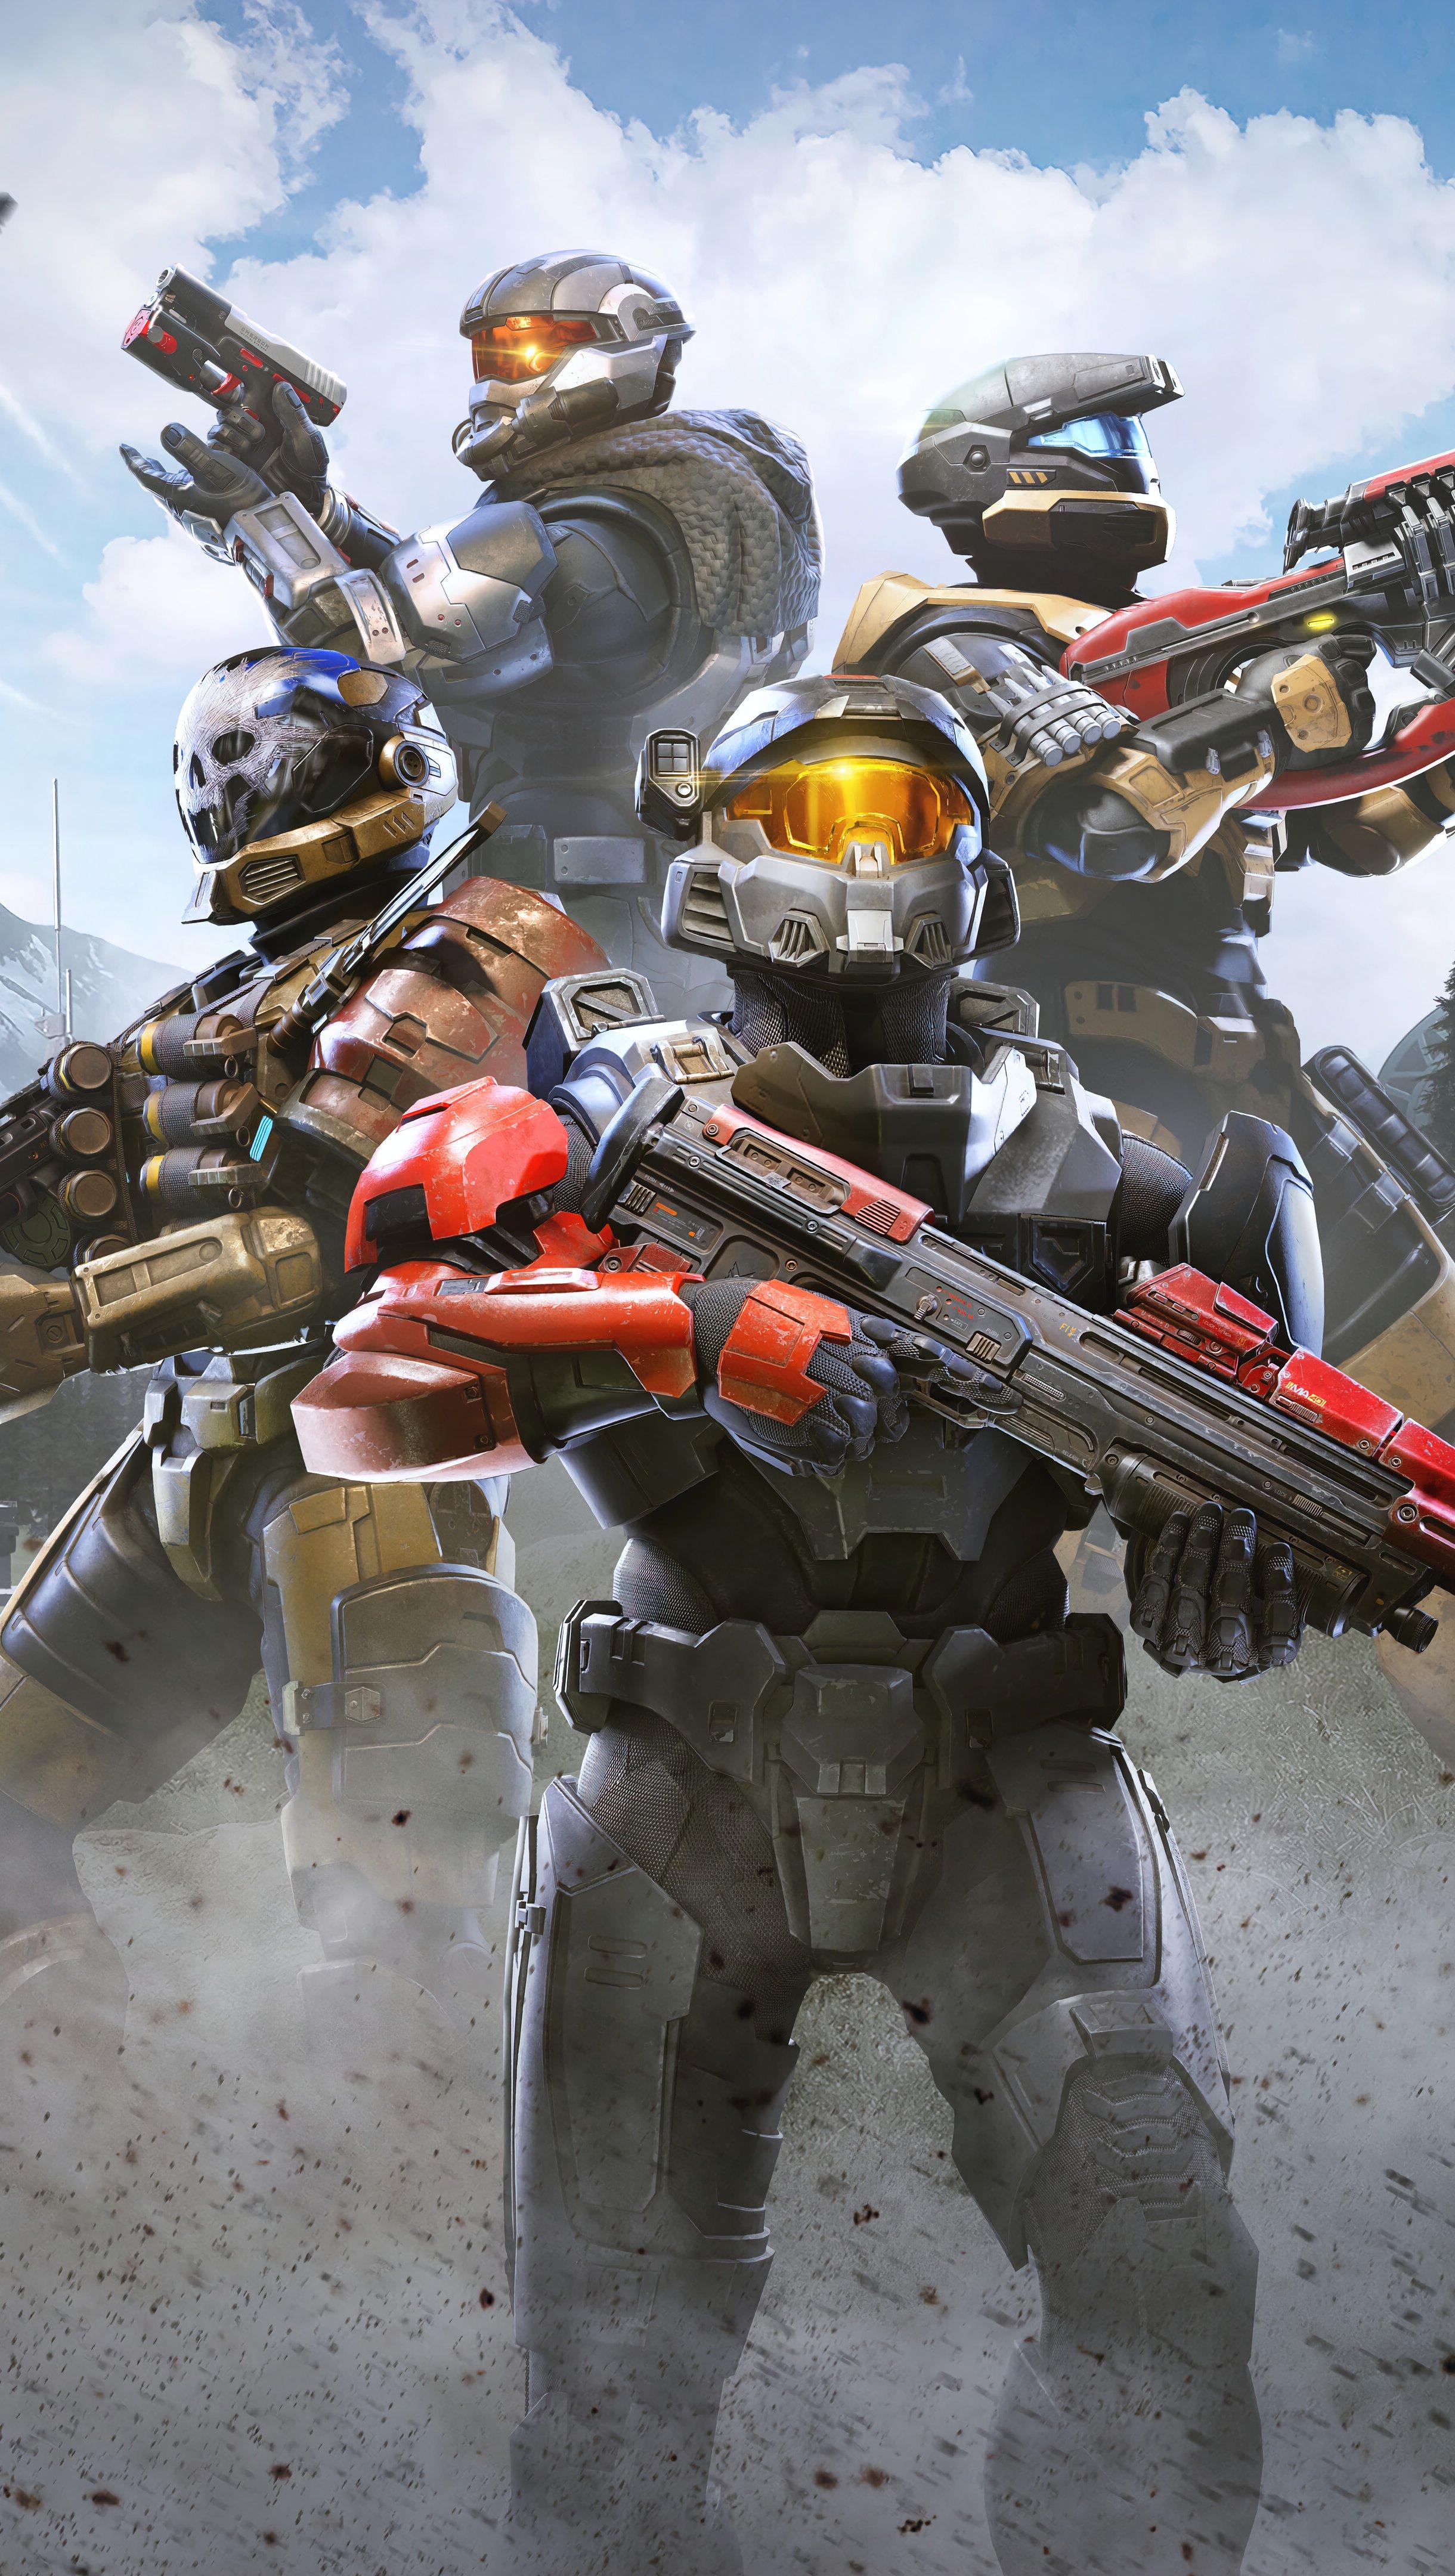 Fondos de pantalla Halo Infinite Vertical